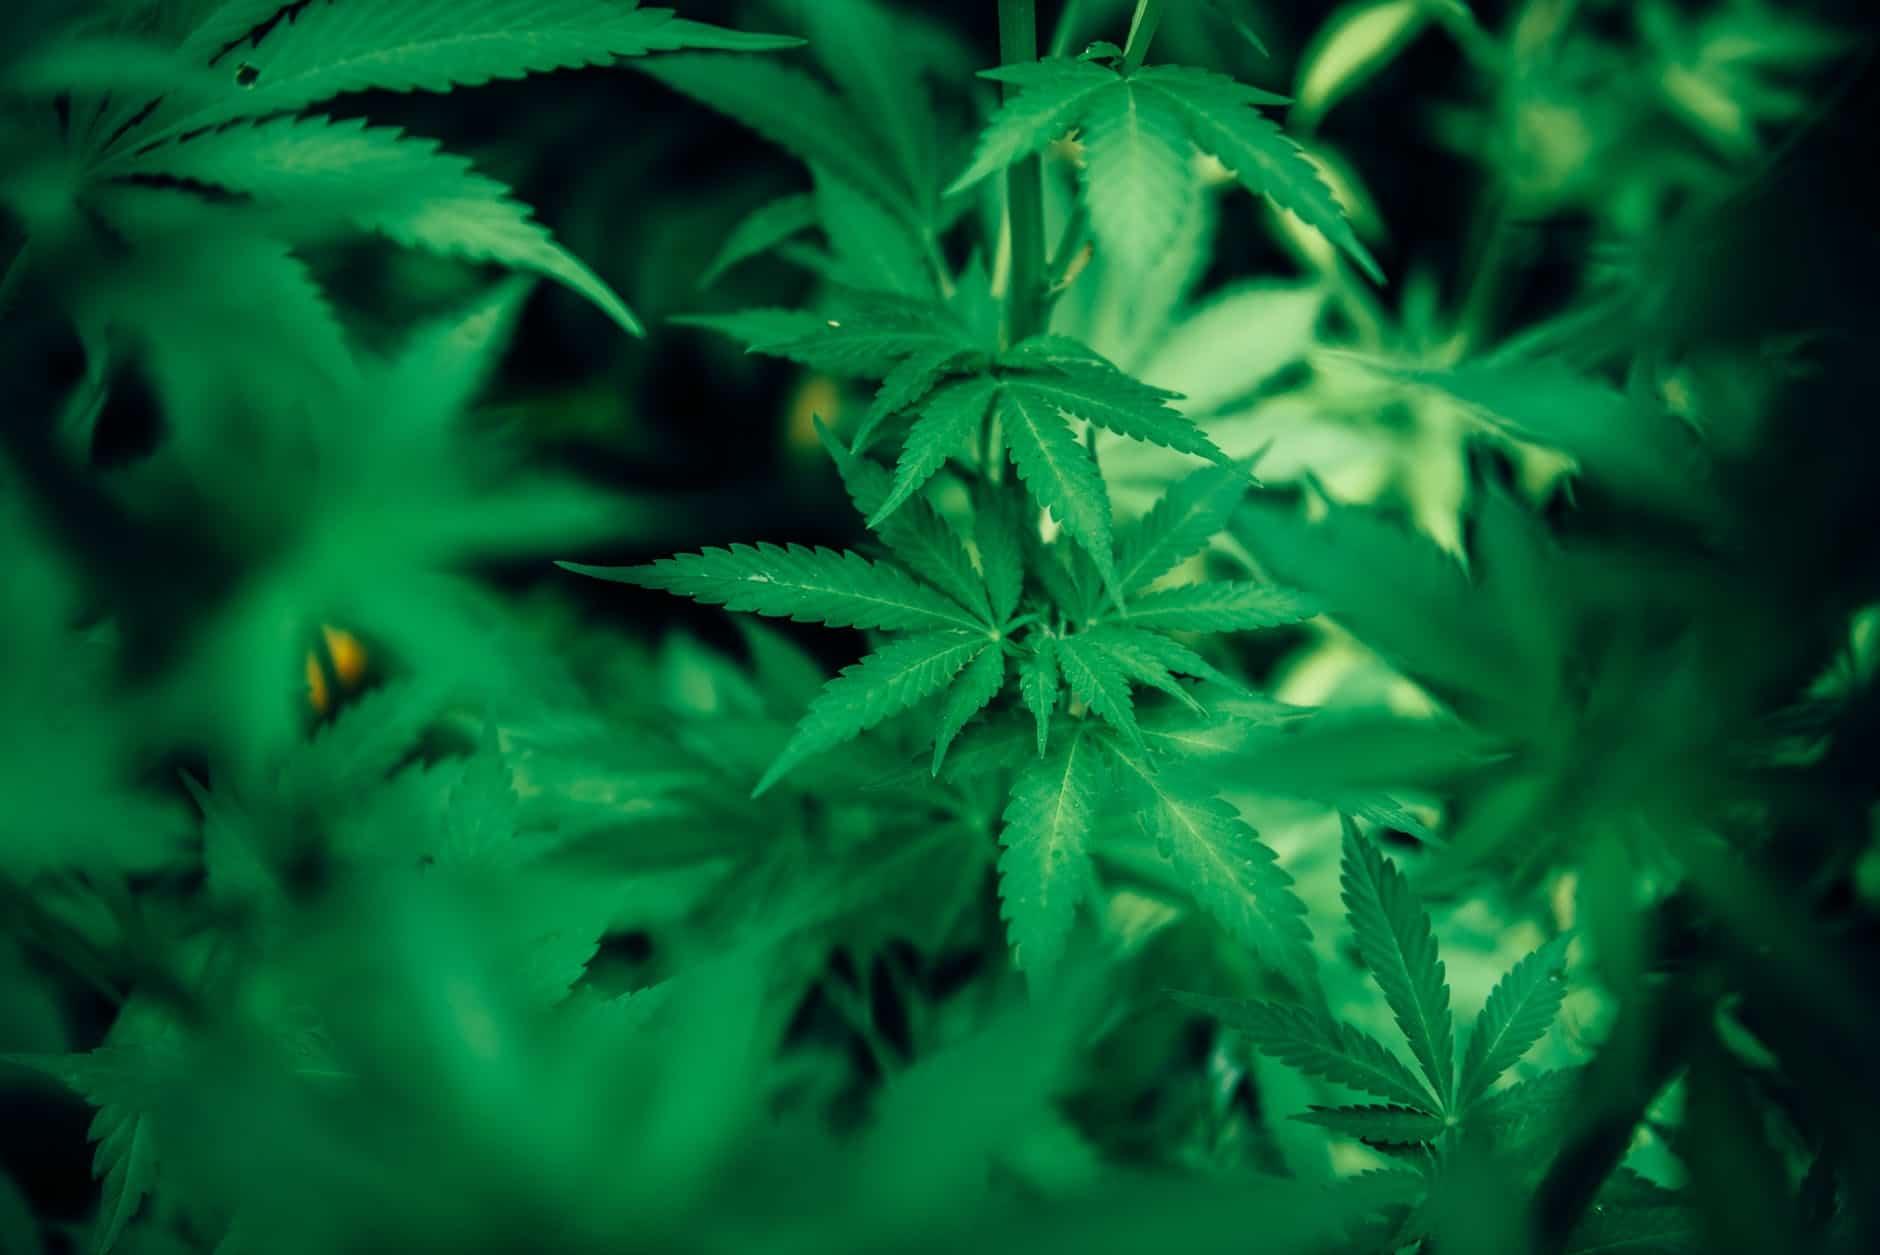 Jaké jsou účinky marihuany? 2